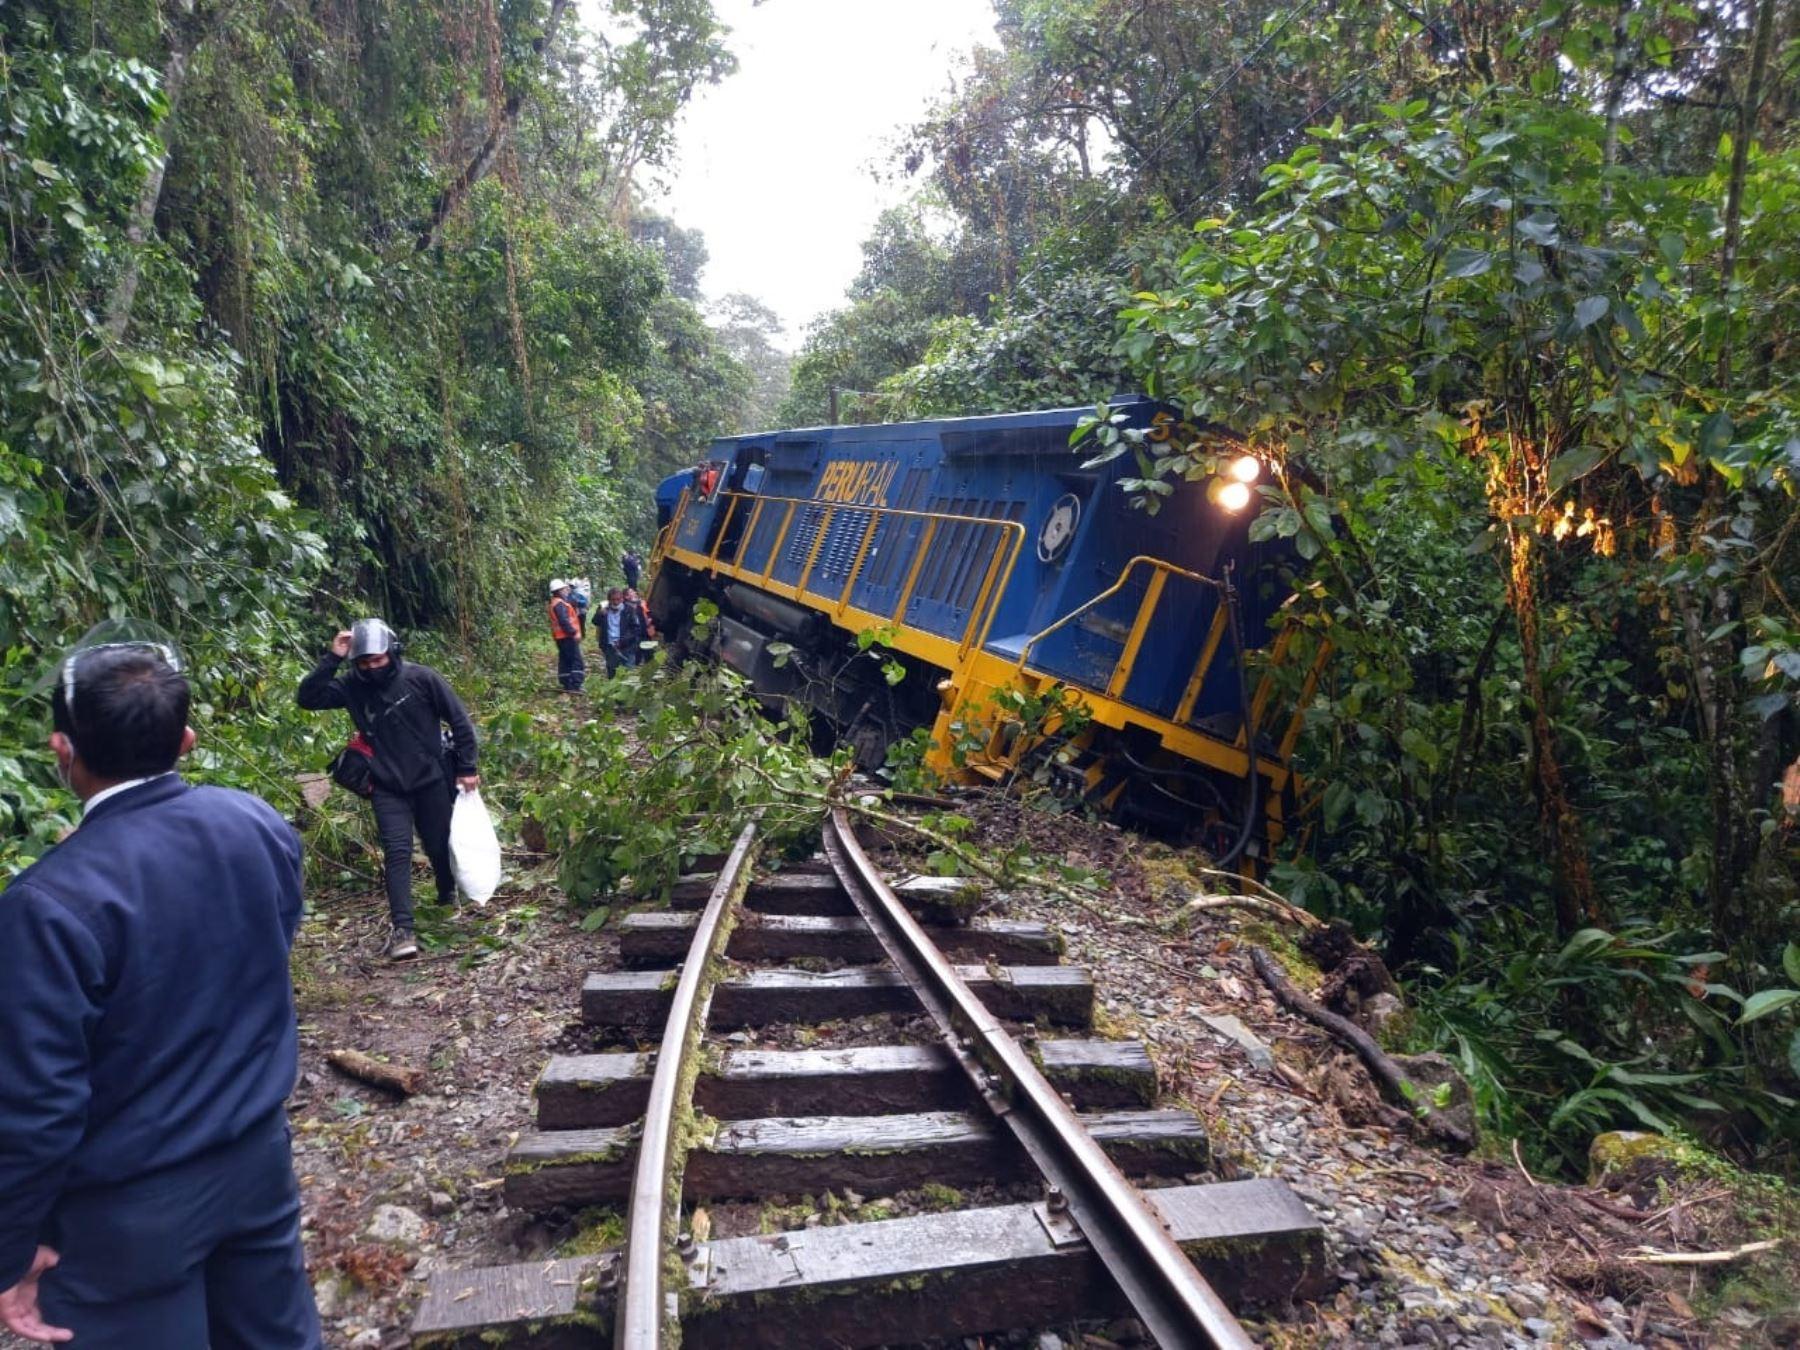 Tren se descarriló hoy en la ruta Machu Picchu Hidroeléctrica sin causar daños personales, informó la Policía Nacional.